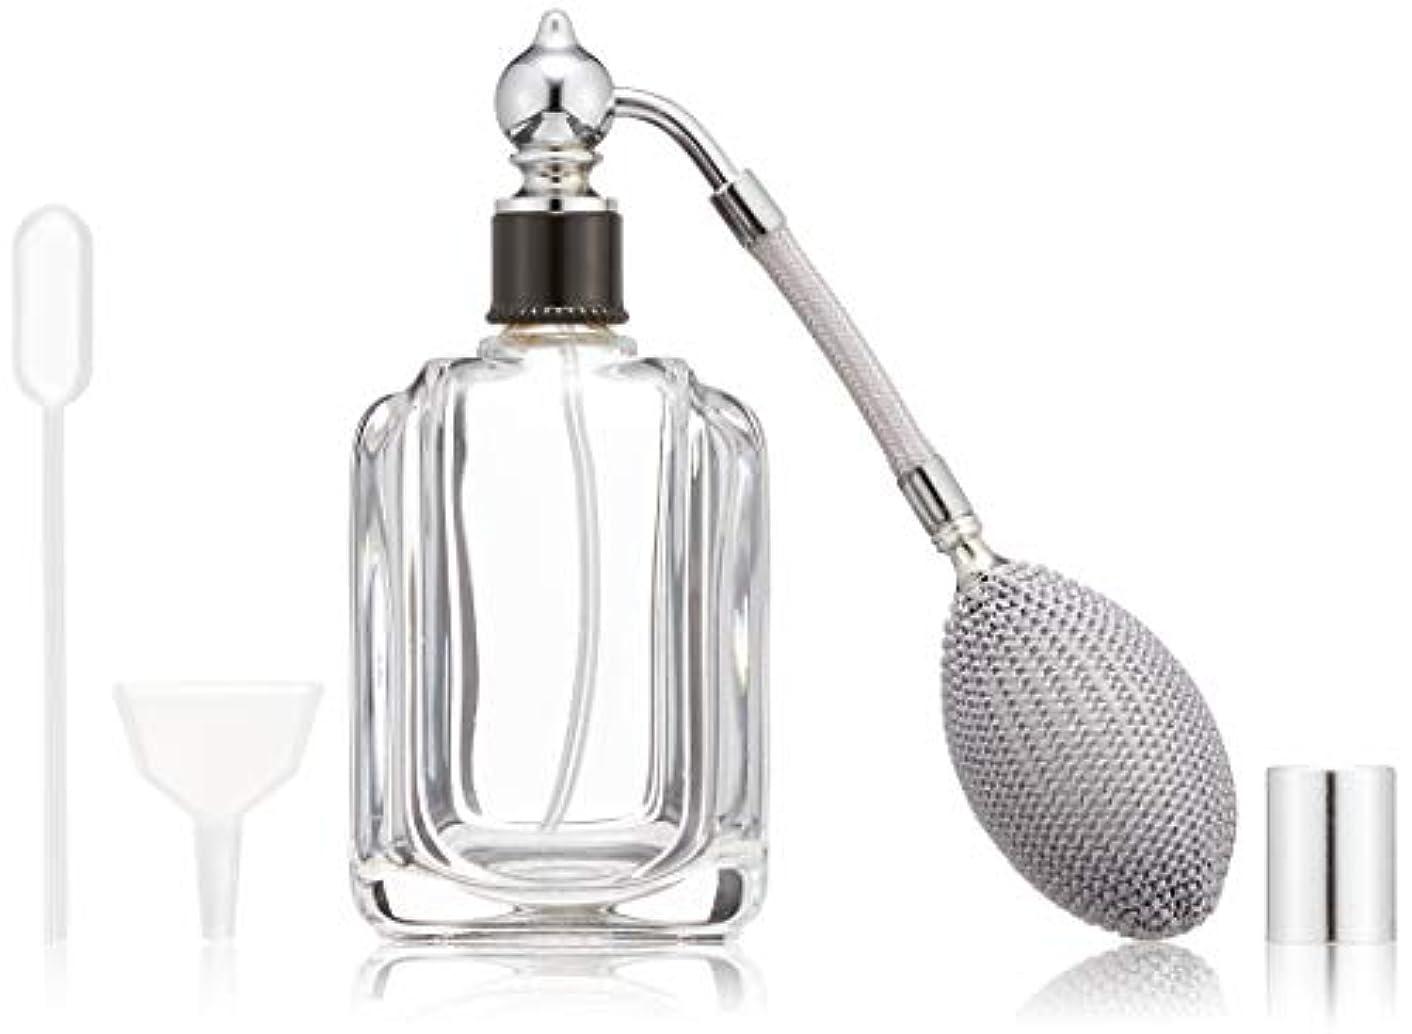 レタス石膏ライターヒロセアトマイザー フランス製香水瓶50ML メンズアトマイザーkuro 409873SS (50MLタクジョウ) CLSS